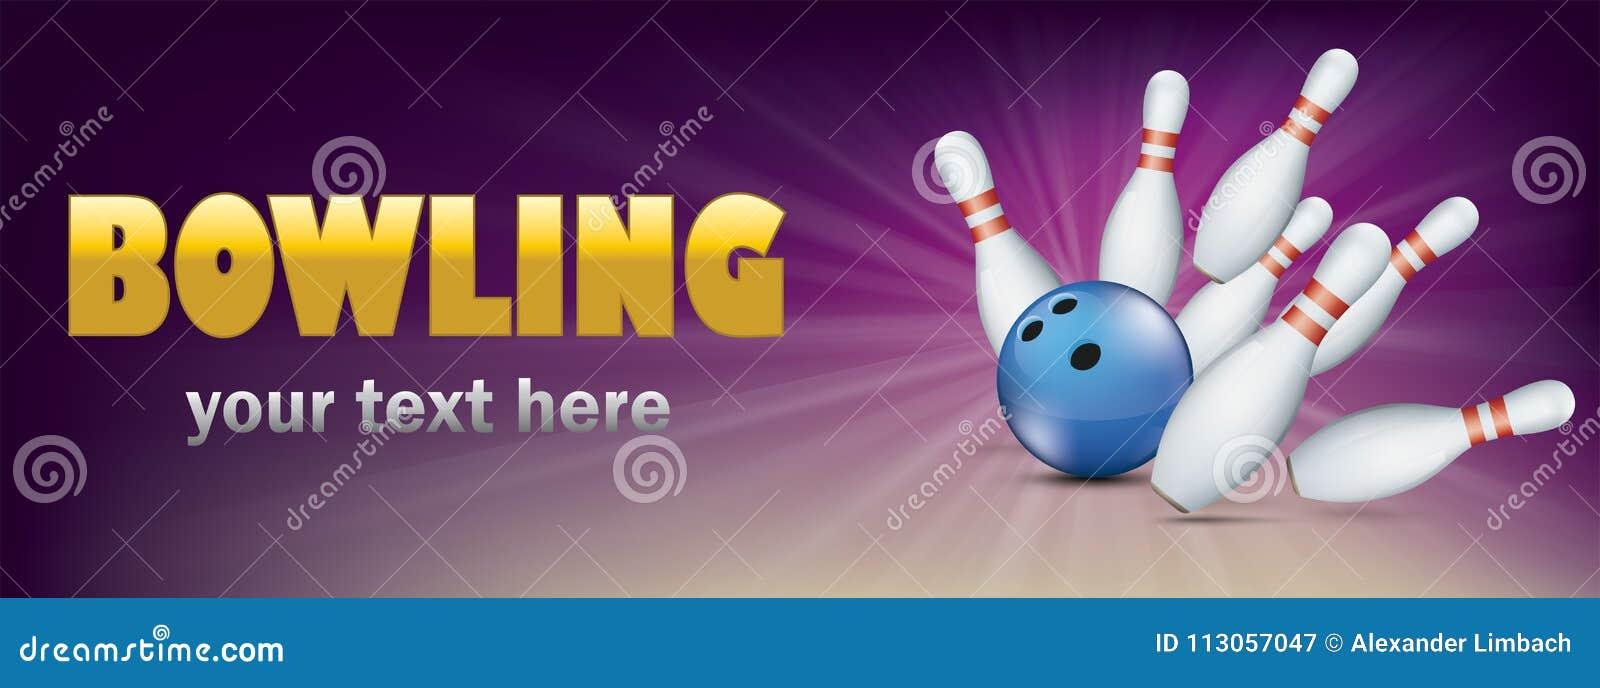 Golden Bowling Pin Deck Purple Banner Blue Ball Strike Pins